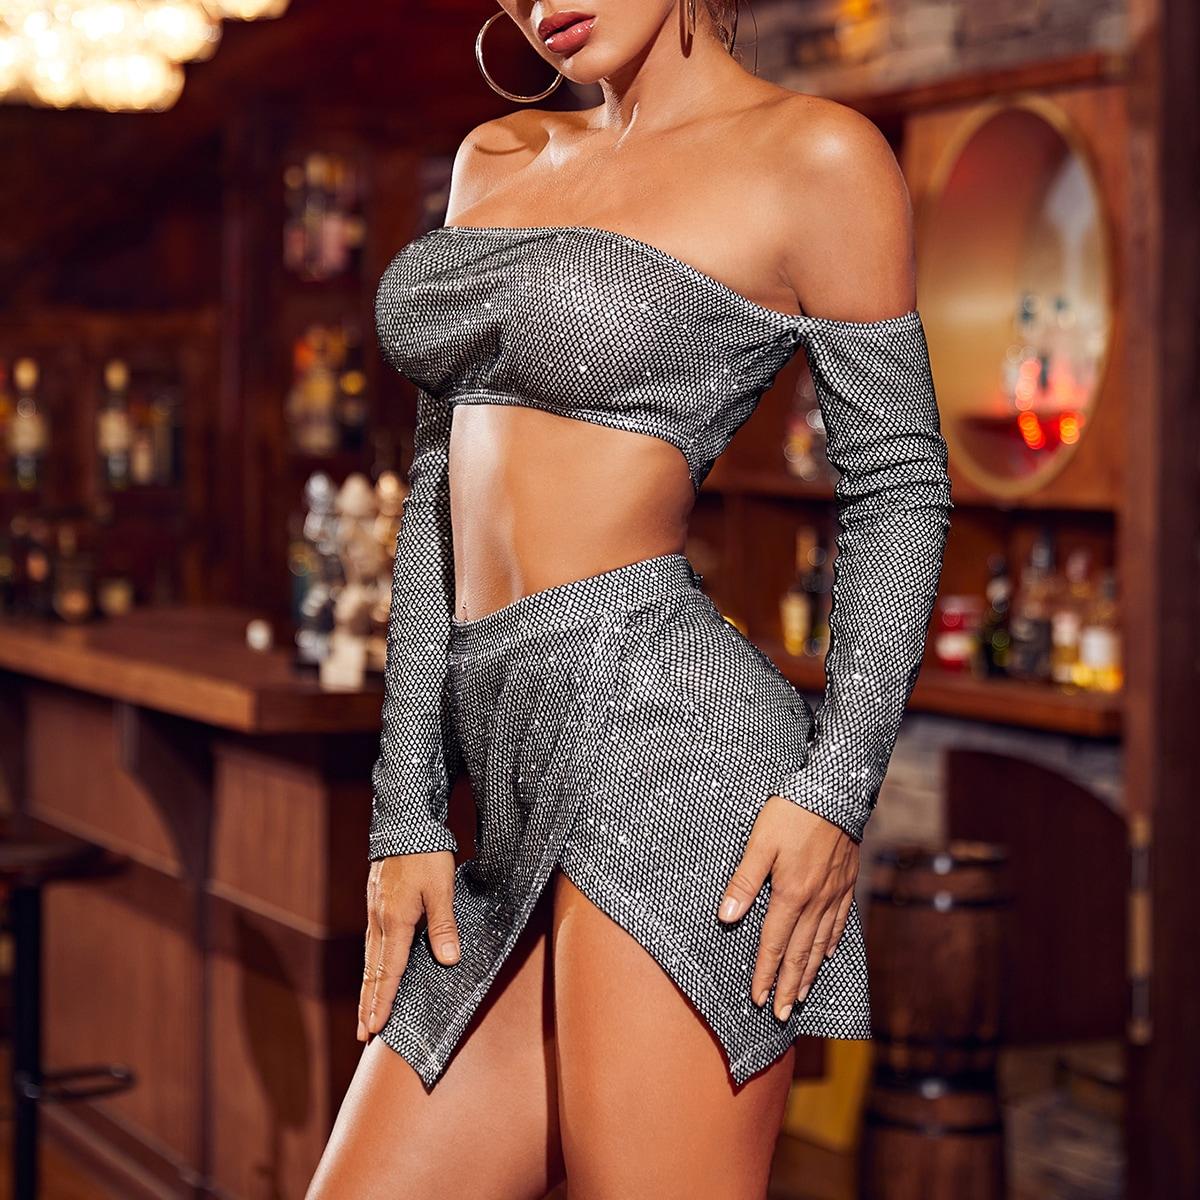 Блестящий топ с открытыми плечами и юбка с разрезом